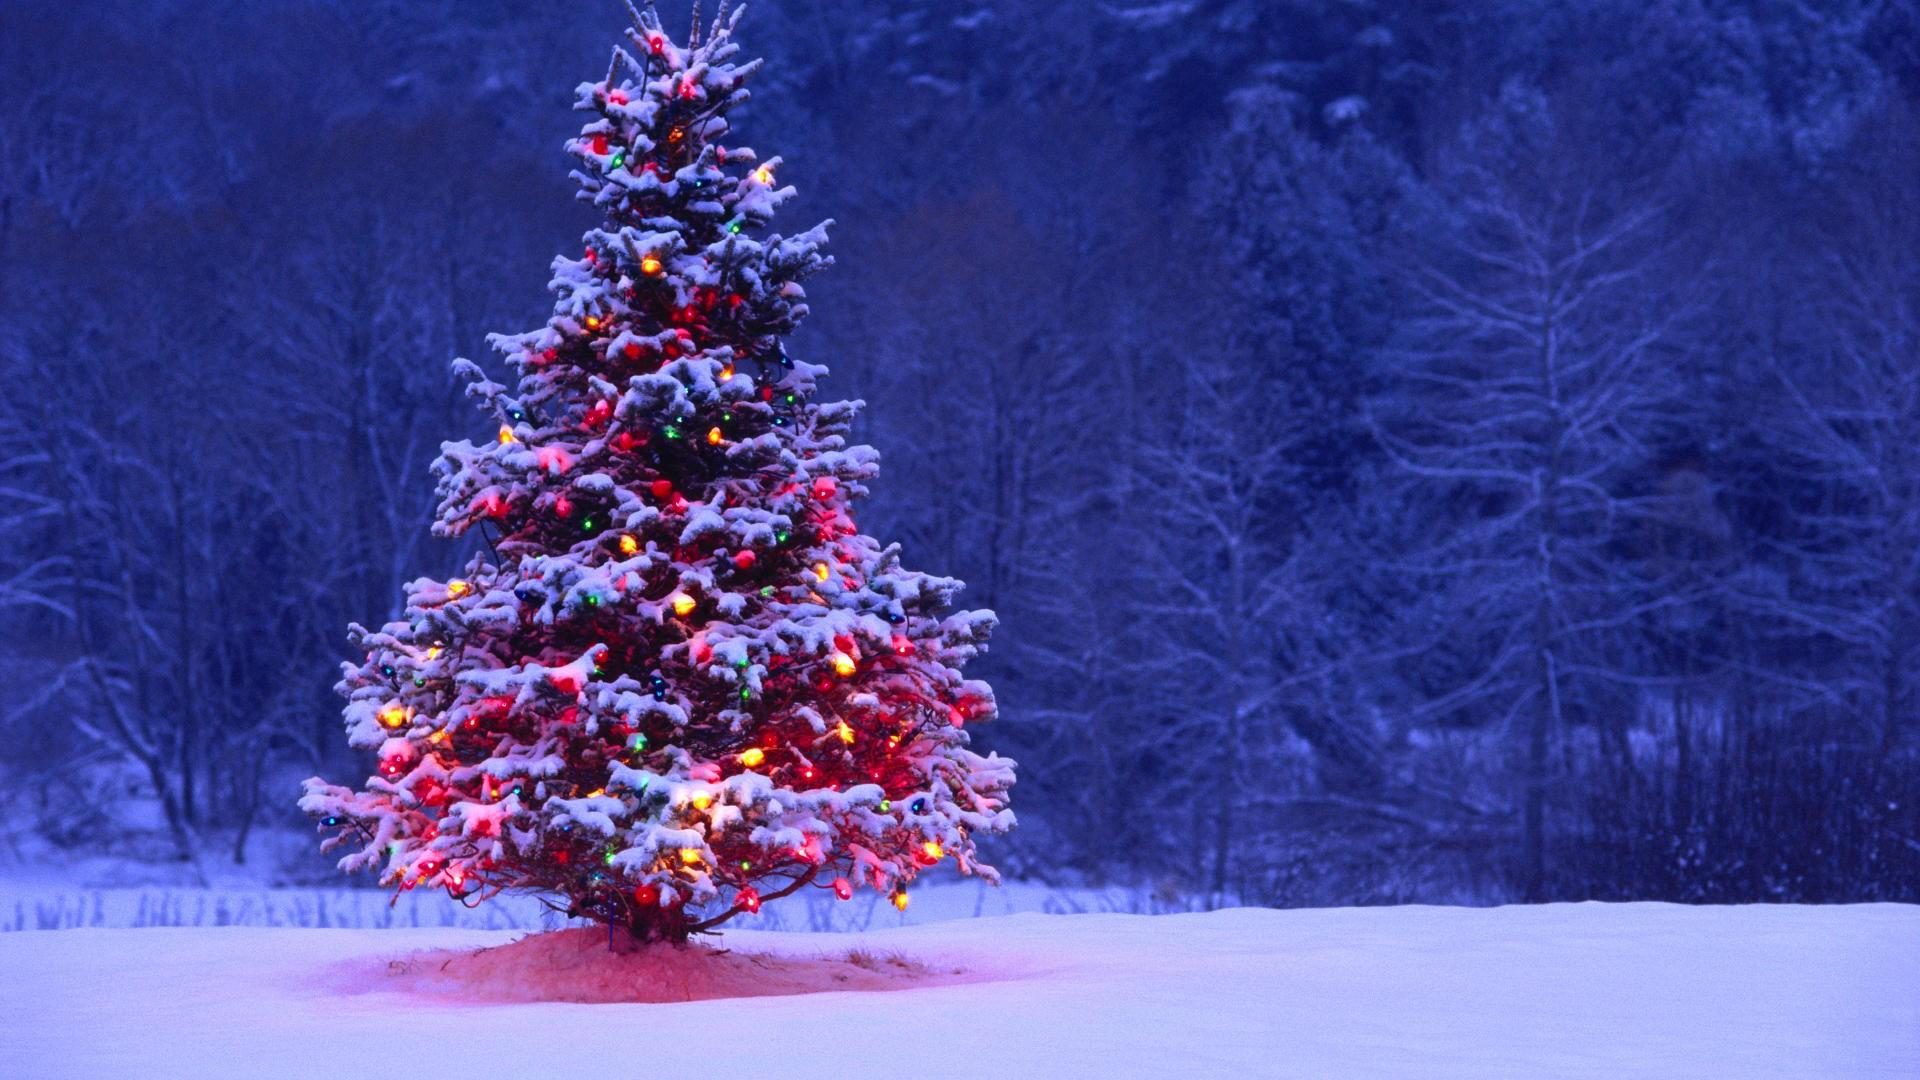 'Ho Ho Ho' Merry Christmas